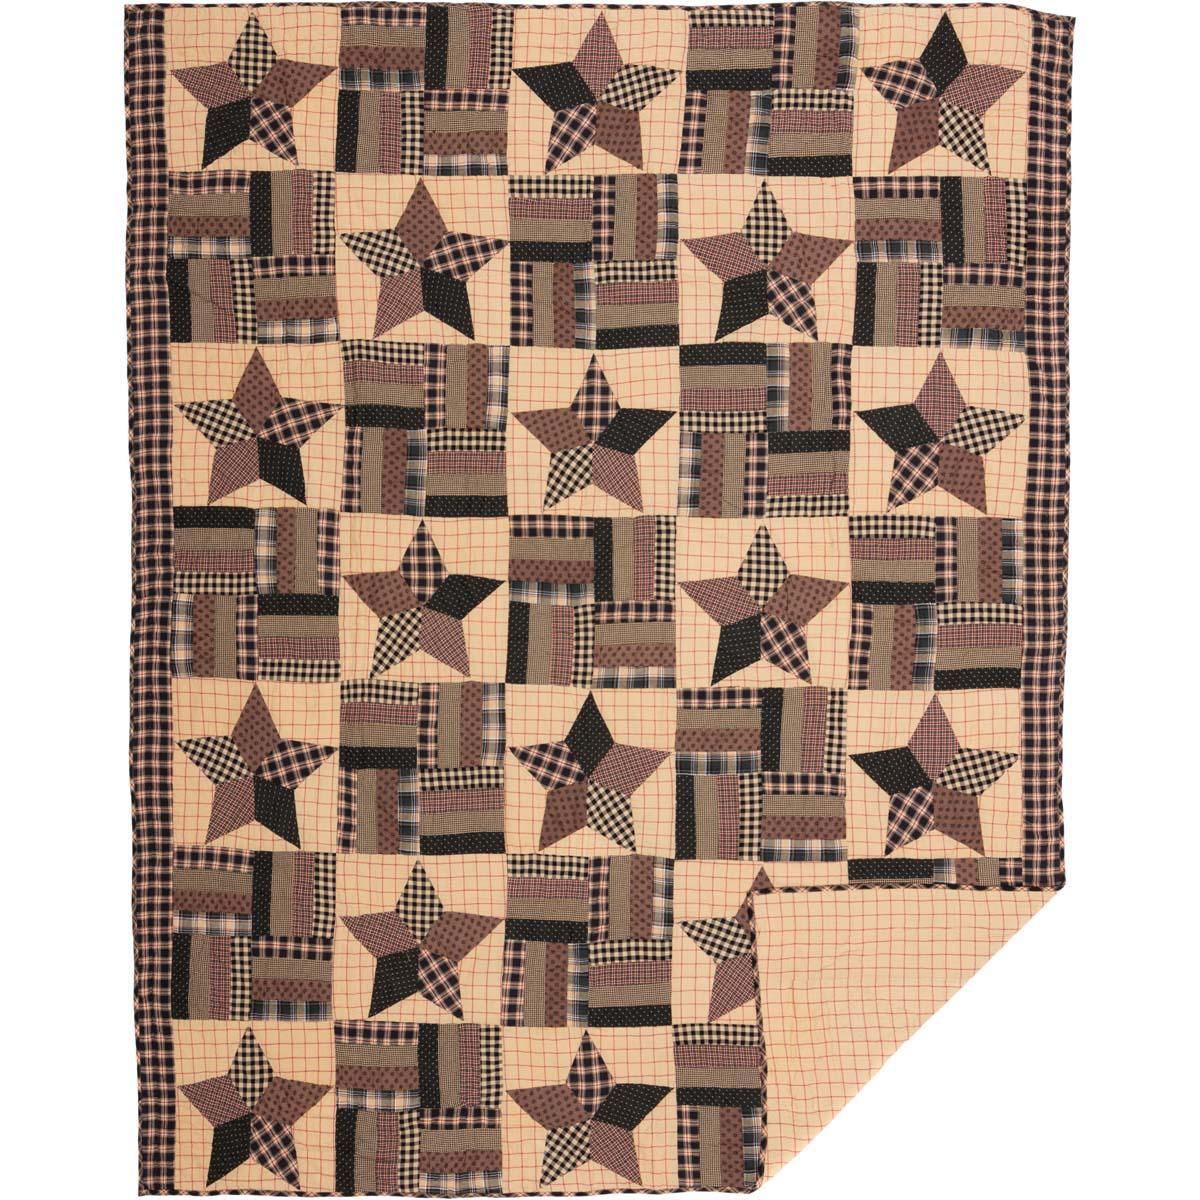 Bingham Star Twin Quilt 70Wx90L